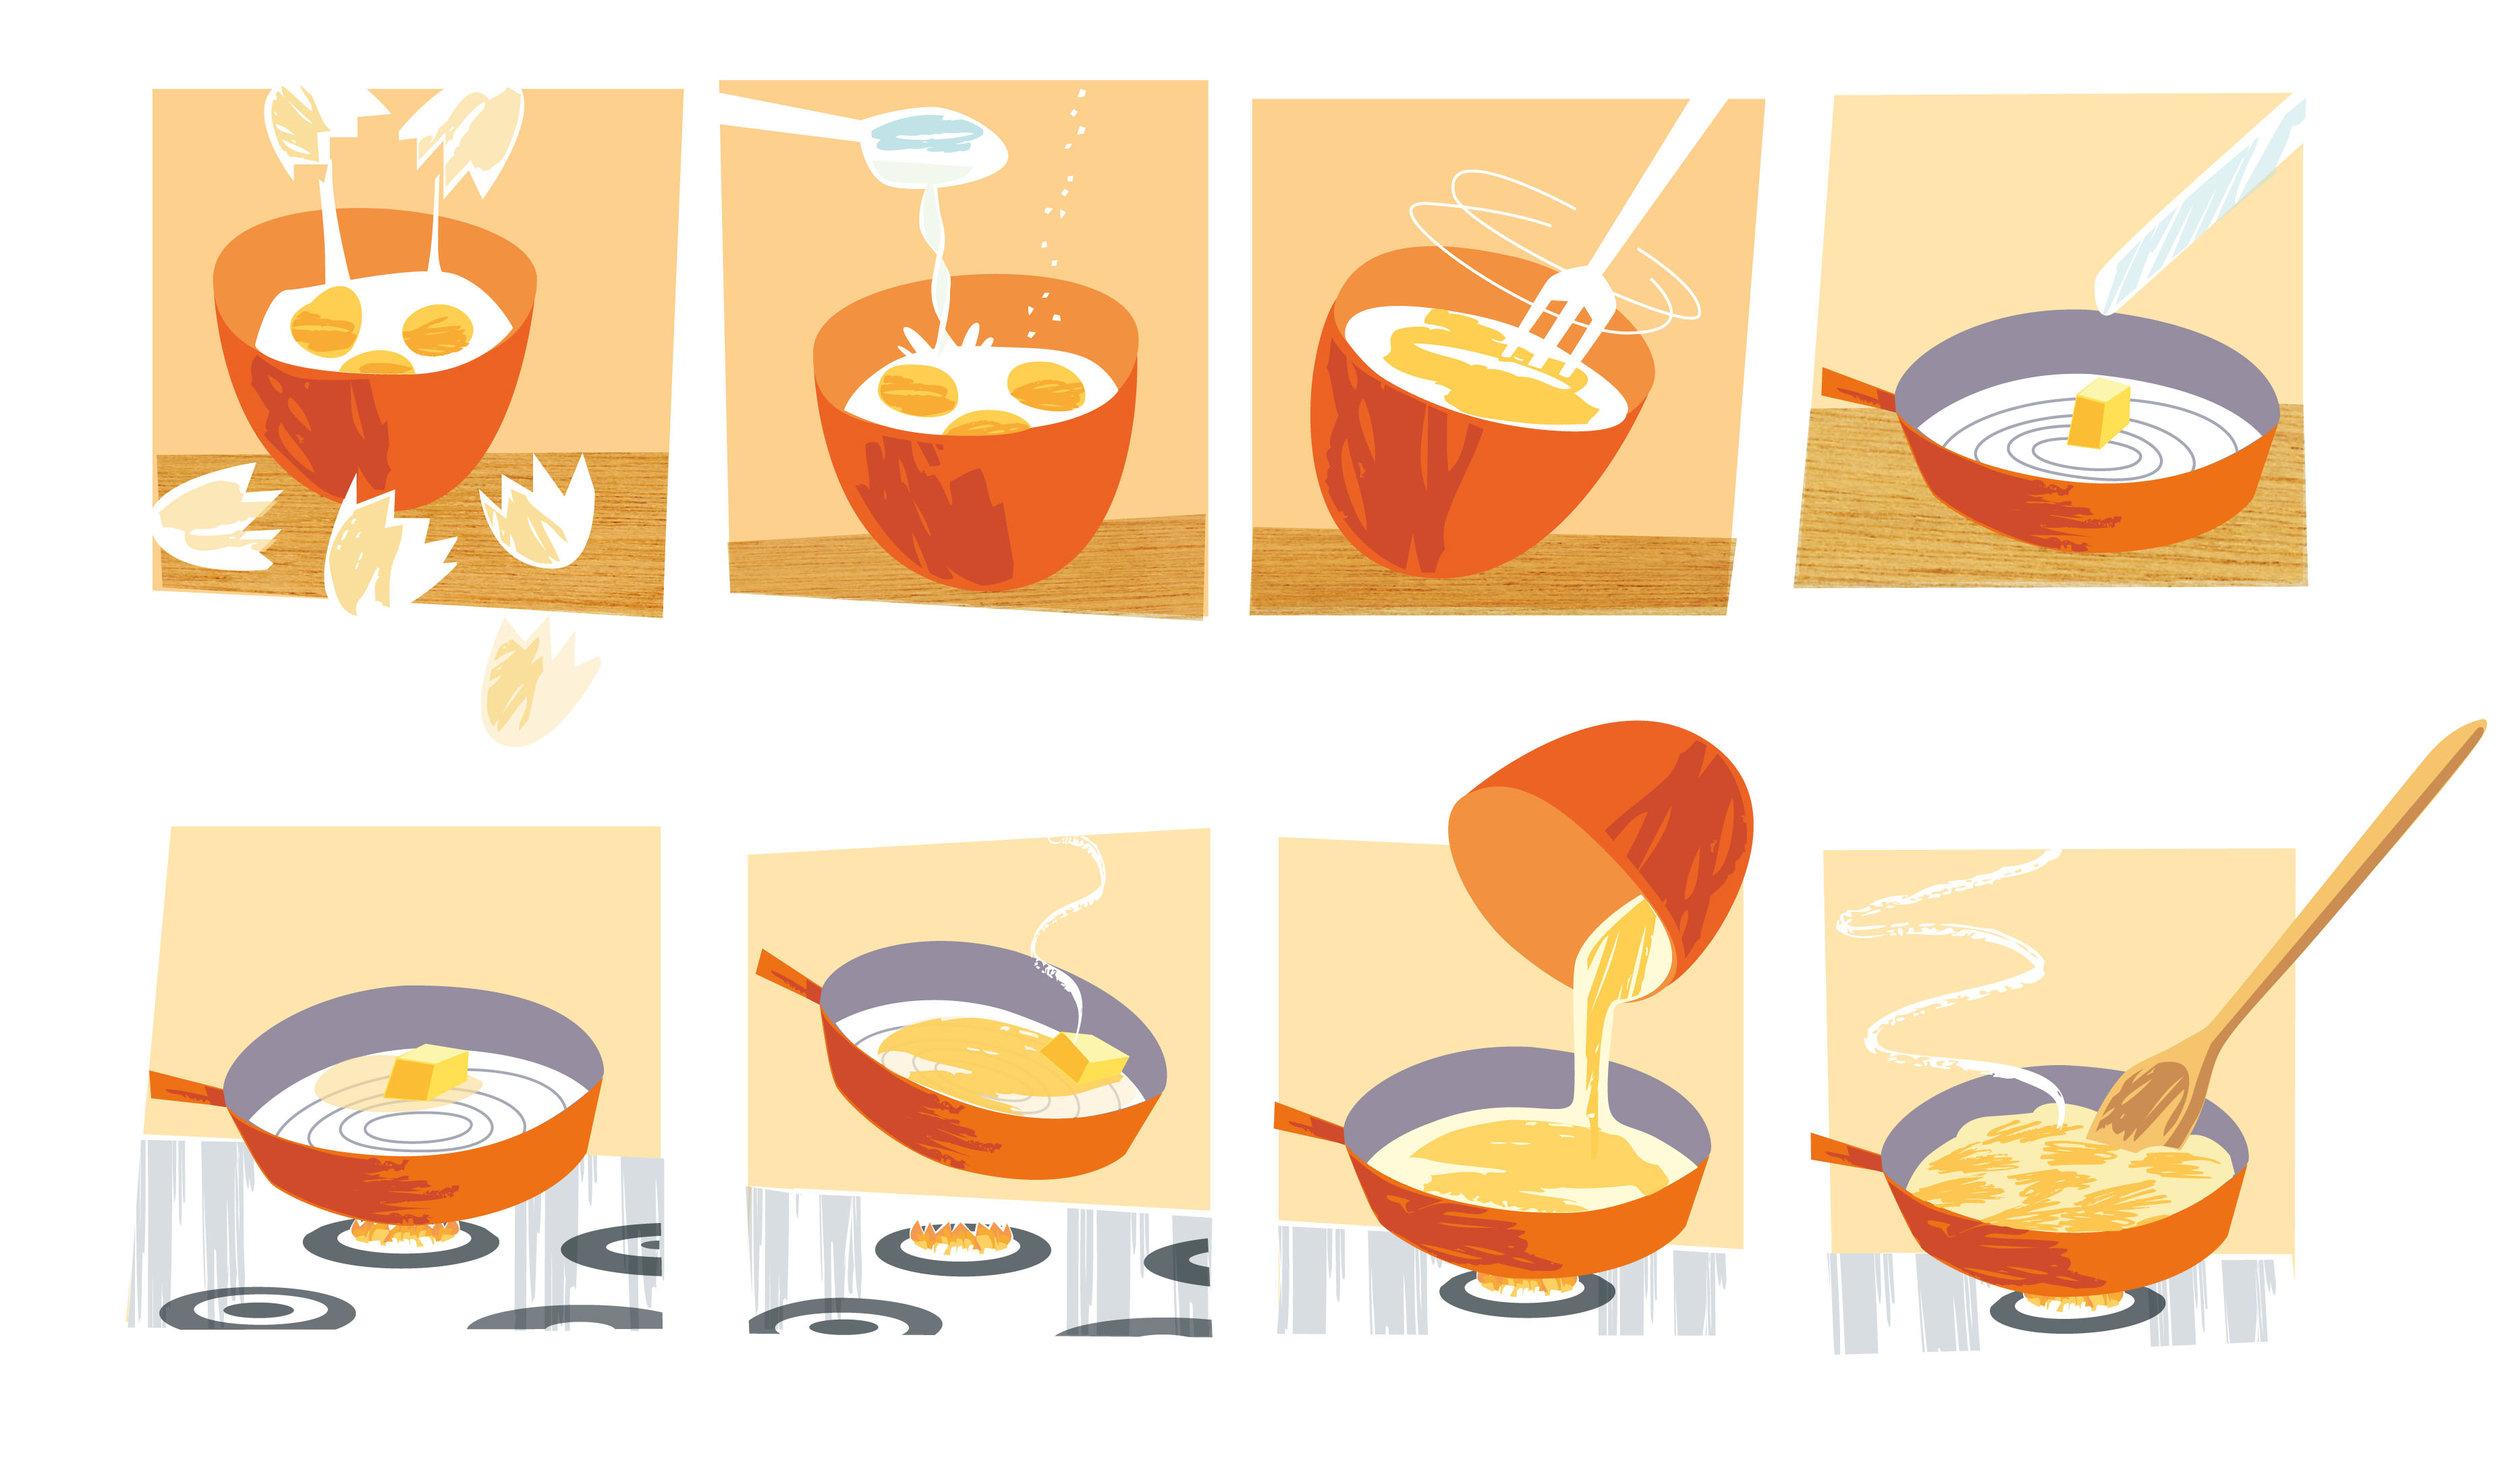 Omlette making illustration-Dean Gorissen.jpg